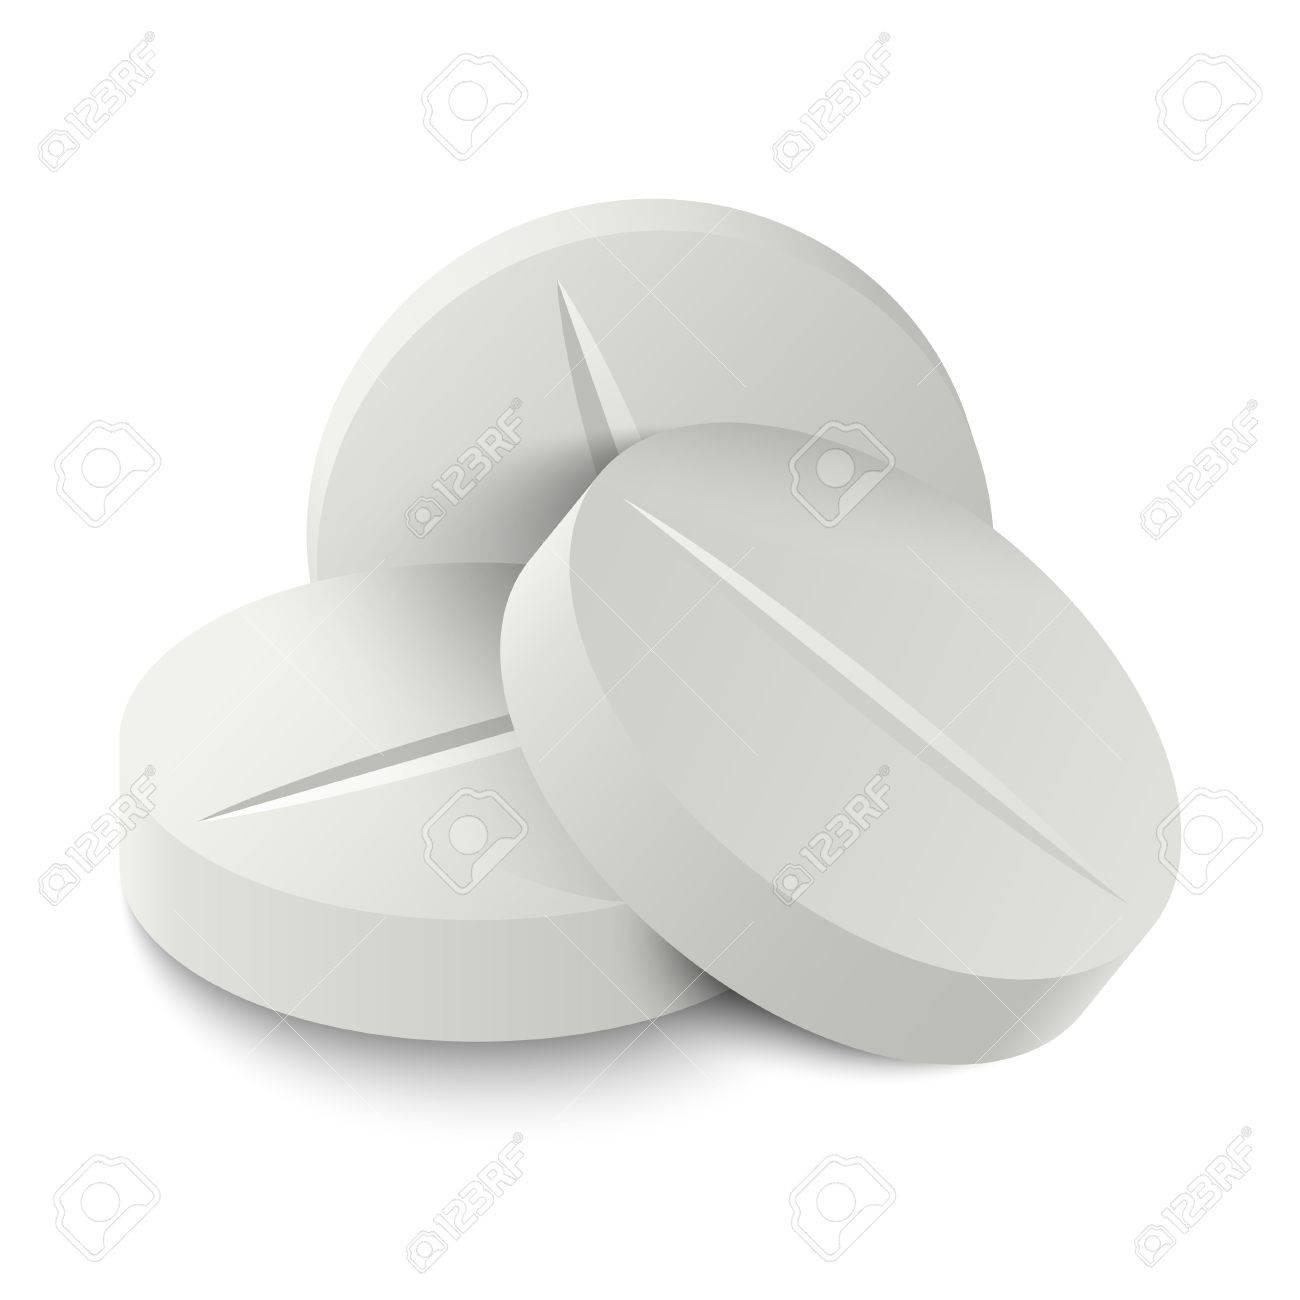 pills vector Stock Vector - 17804690